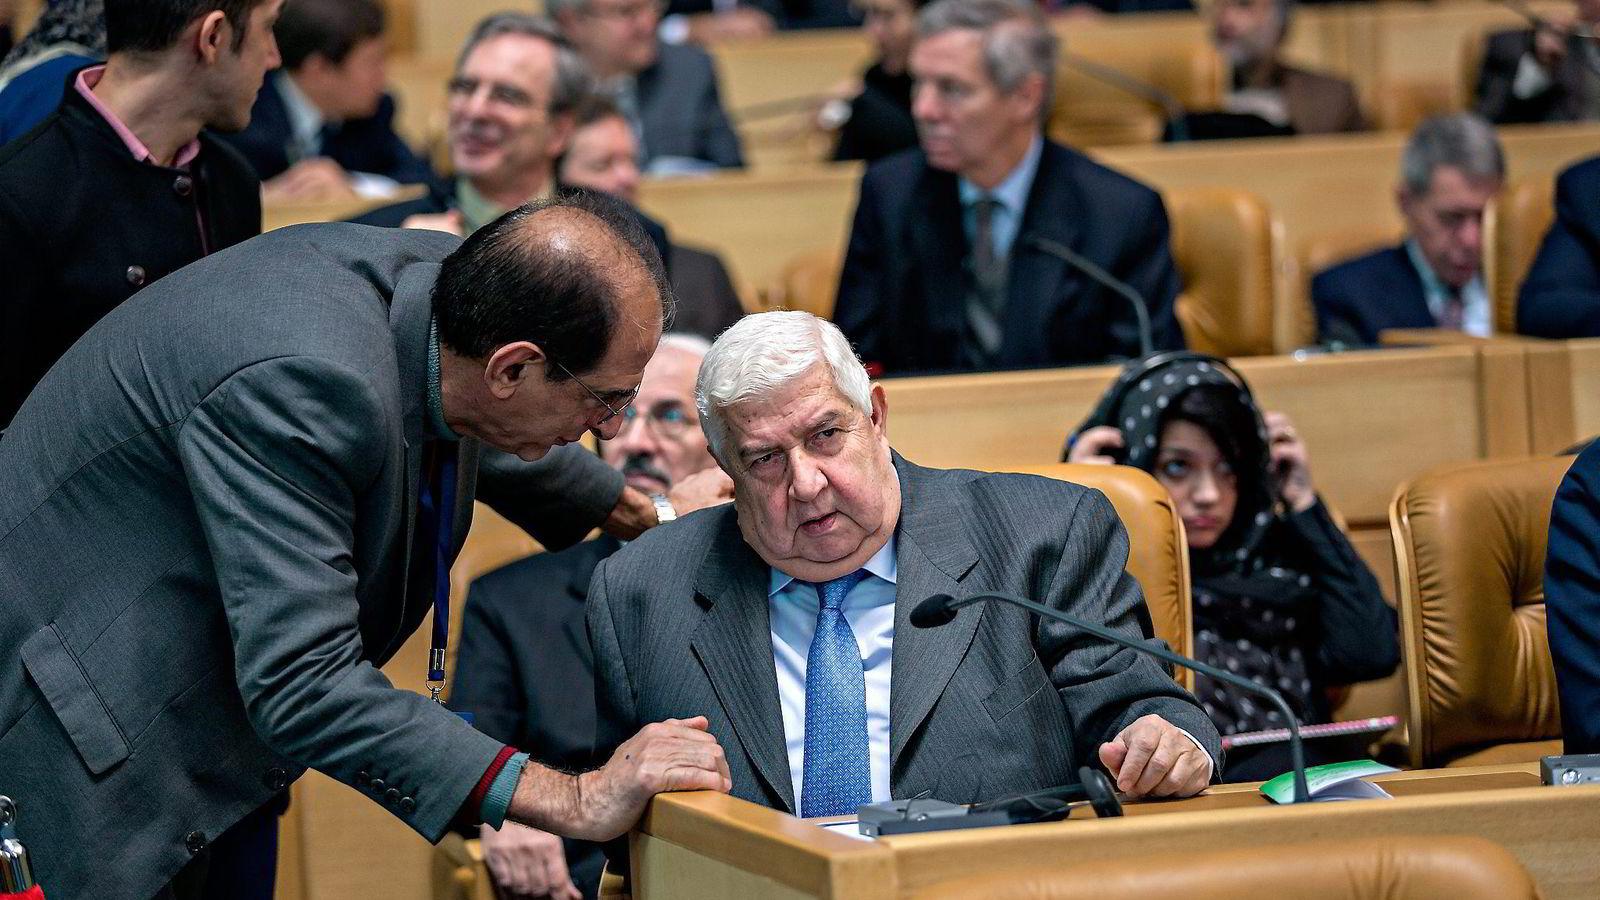 Vestlige land står bak finansieringen av ekstremistgrupper i Syria, ifølge landets utenriksminister Walid Muallem (sittende). Foto: Aleksander Nordahl